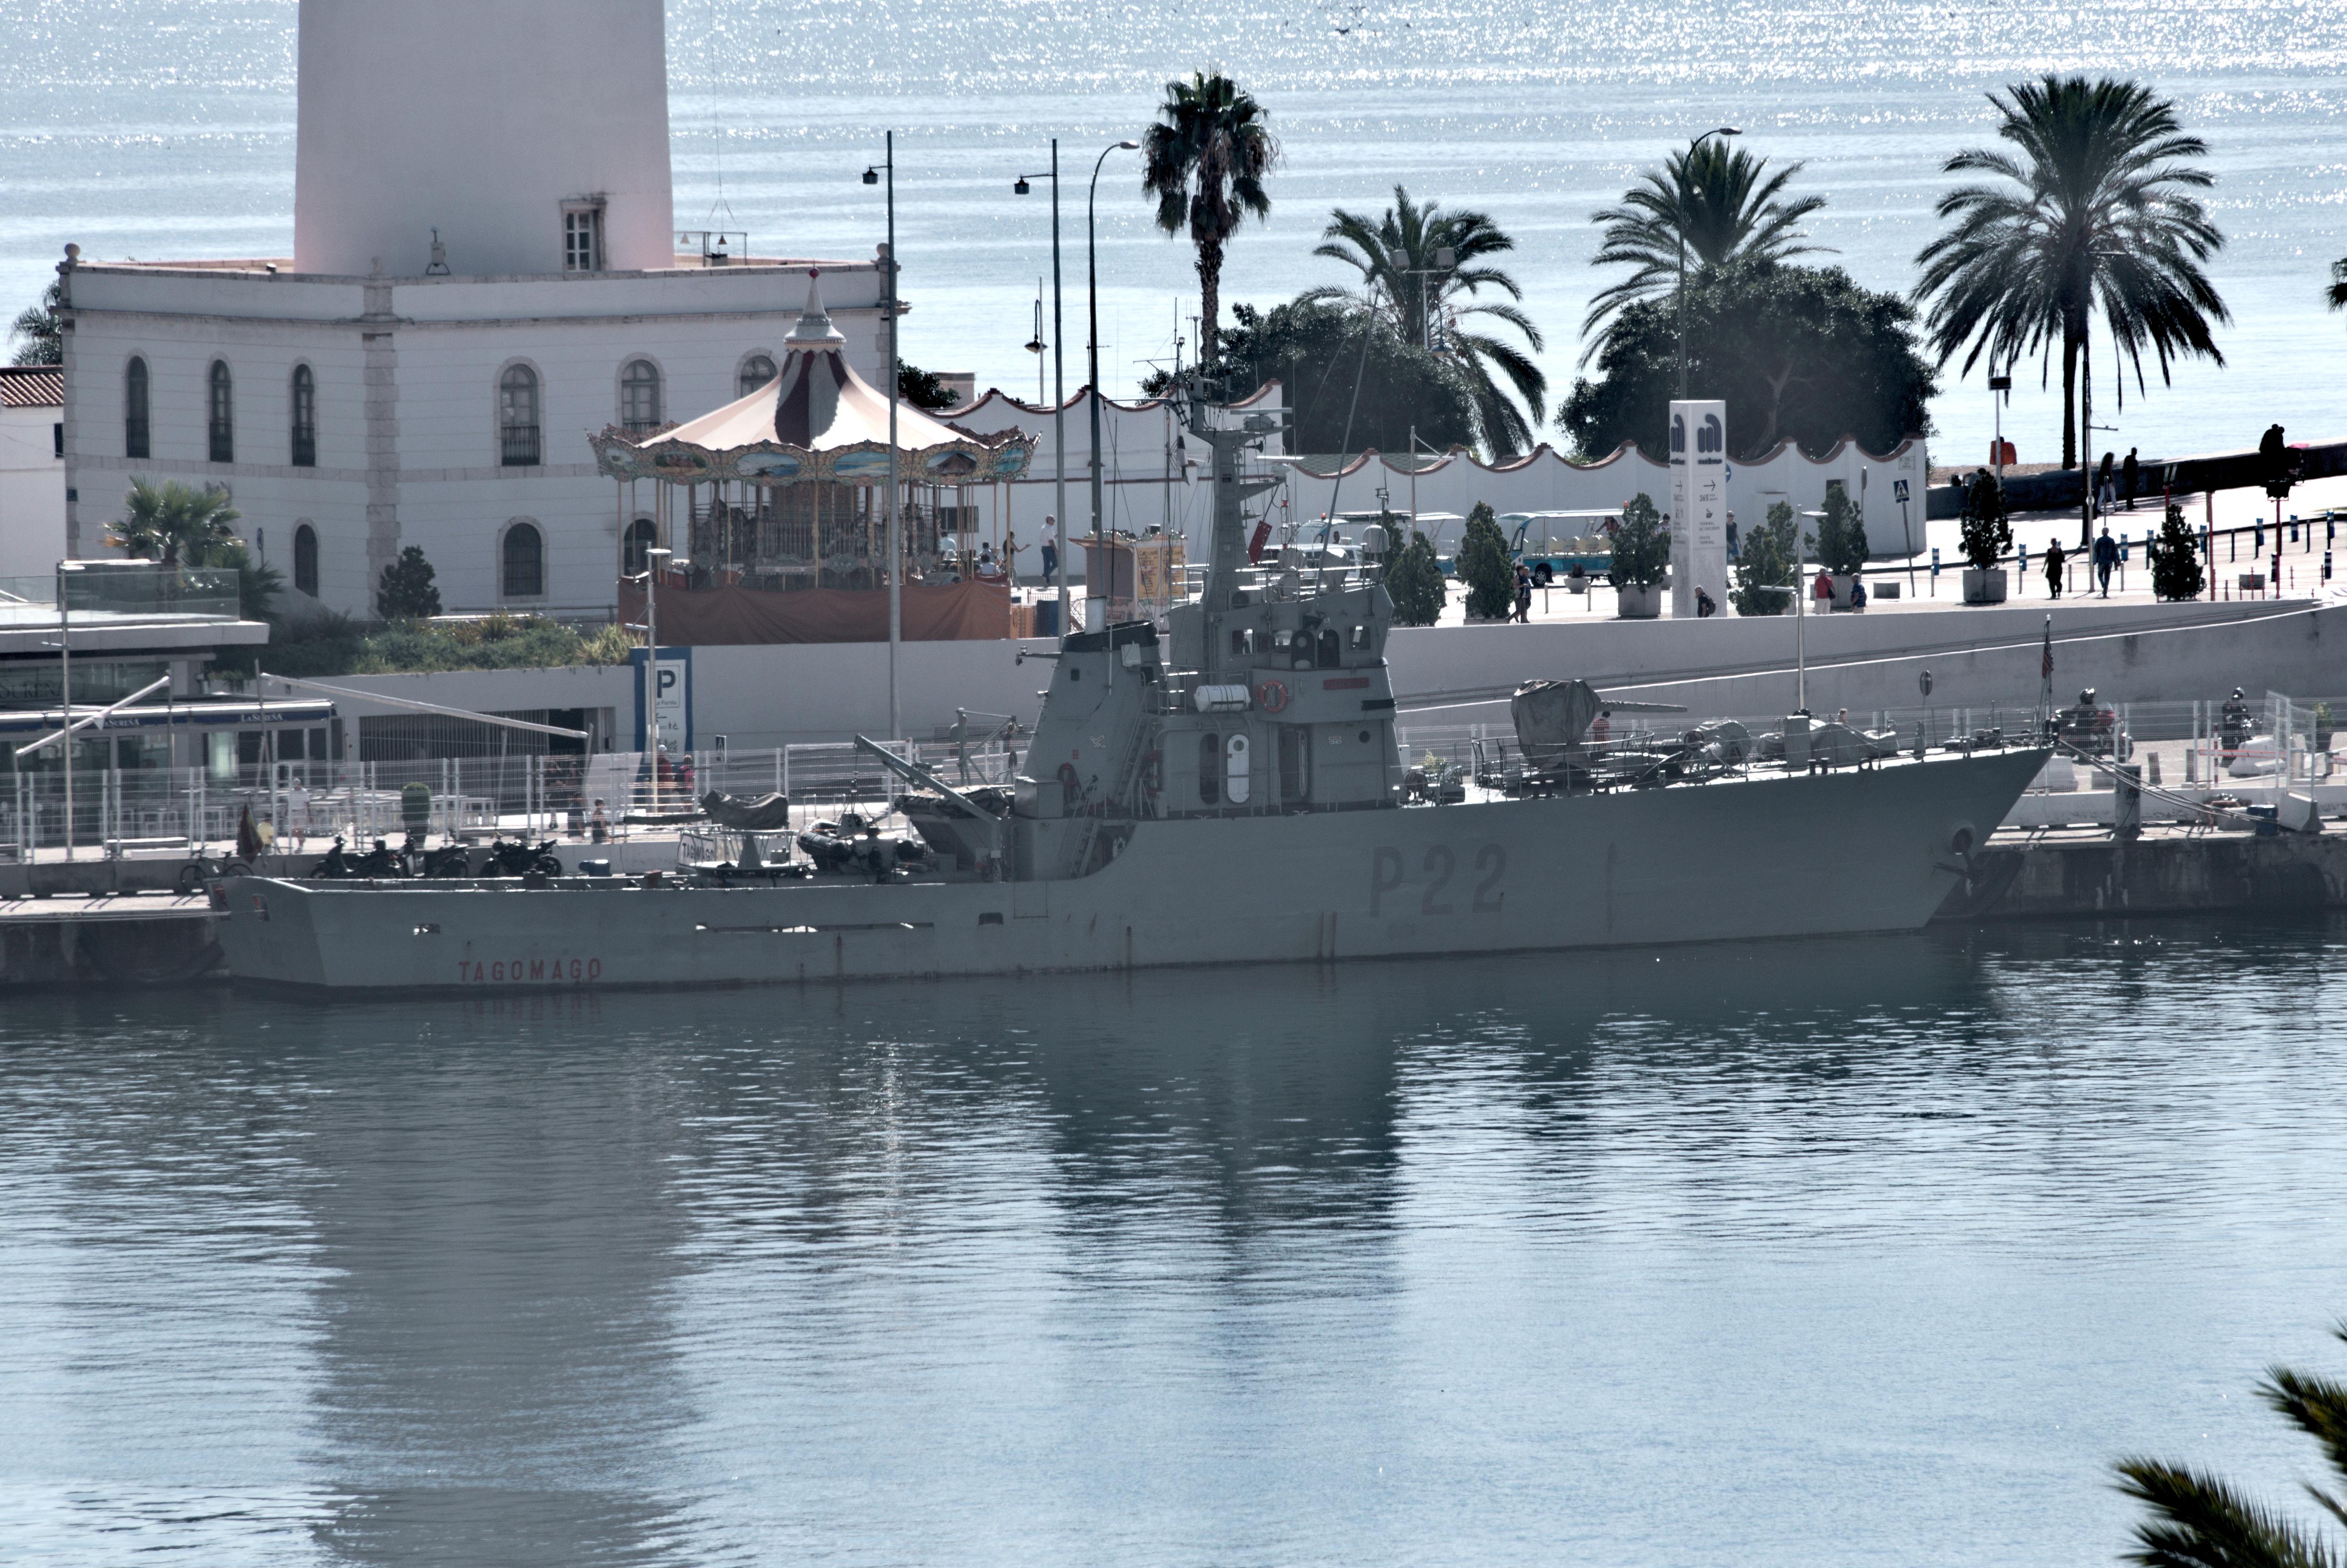 File:P22 Tagomago, Málaga OCT15.jpg